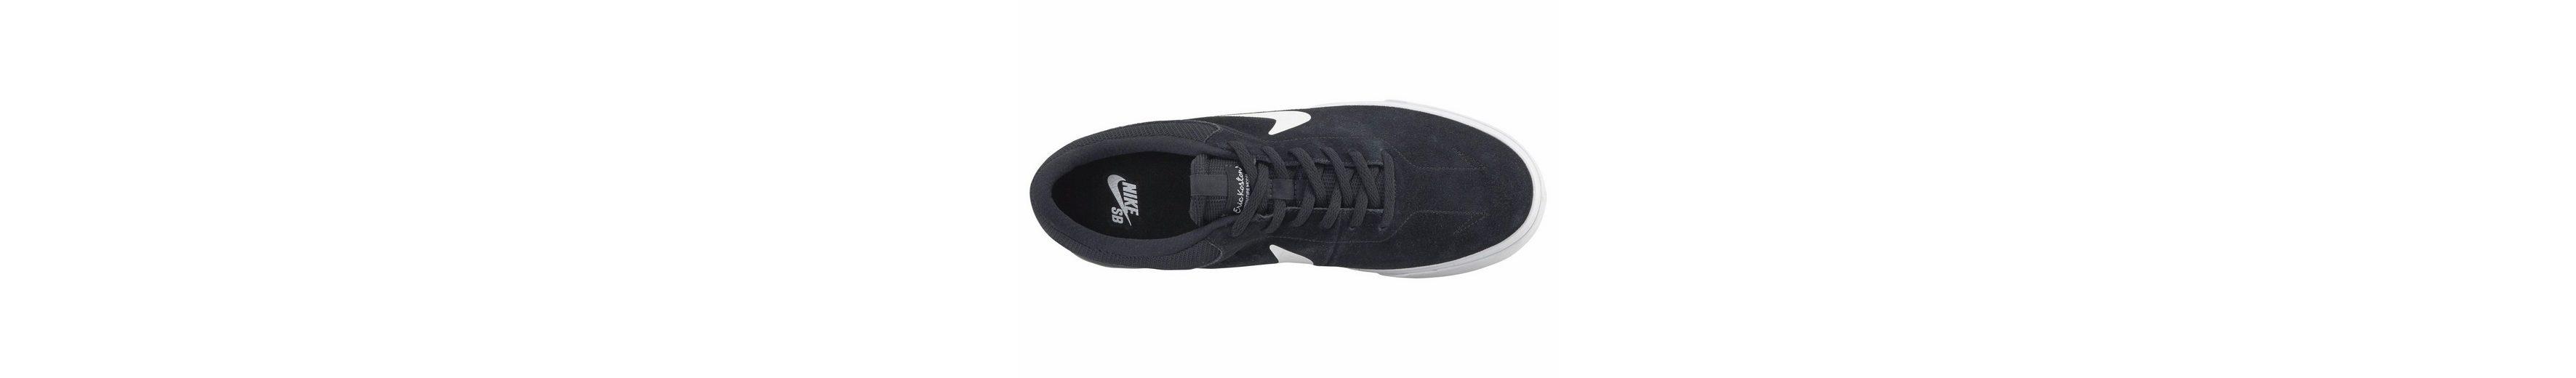 Nike SB SB Koston Hypervulc Skate Sneaker Verkauf Heißen Verkauf Verkauf Komfortabel Outlet Rabatte Günstig Kaufen Bequem pRR1gOAa9